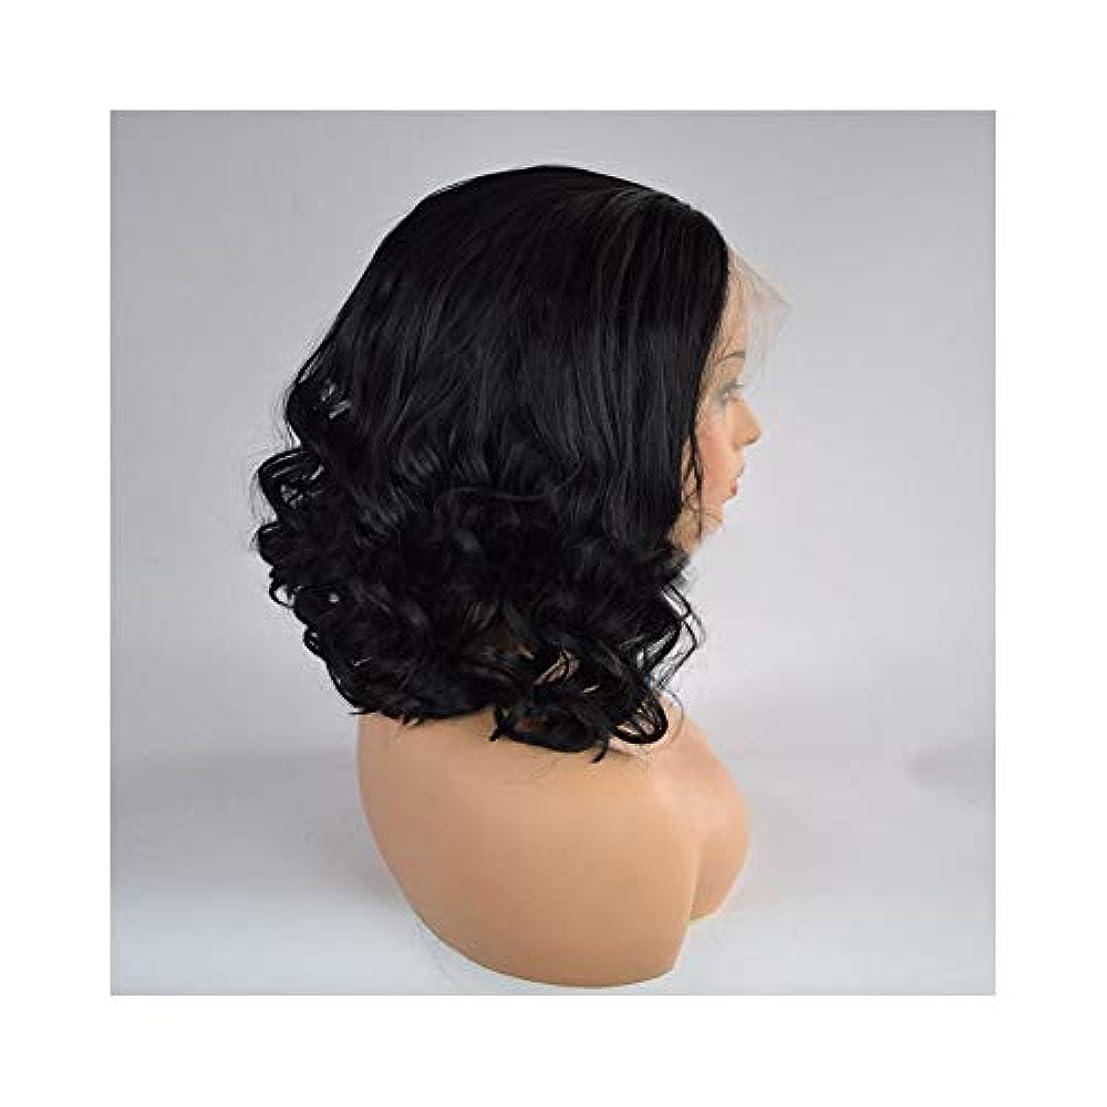 しない屈辱するコールドYOUQIU 女性のかつらのためにショートボブレースフロントウィッグウェーブ髪の耐熱性繊維中東別れ (色 : 黒)